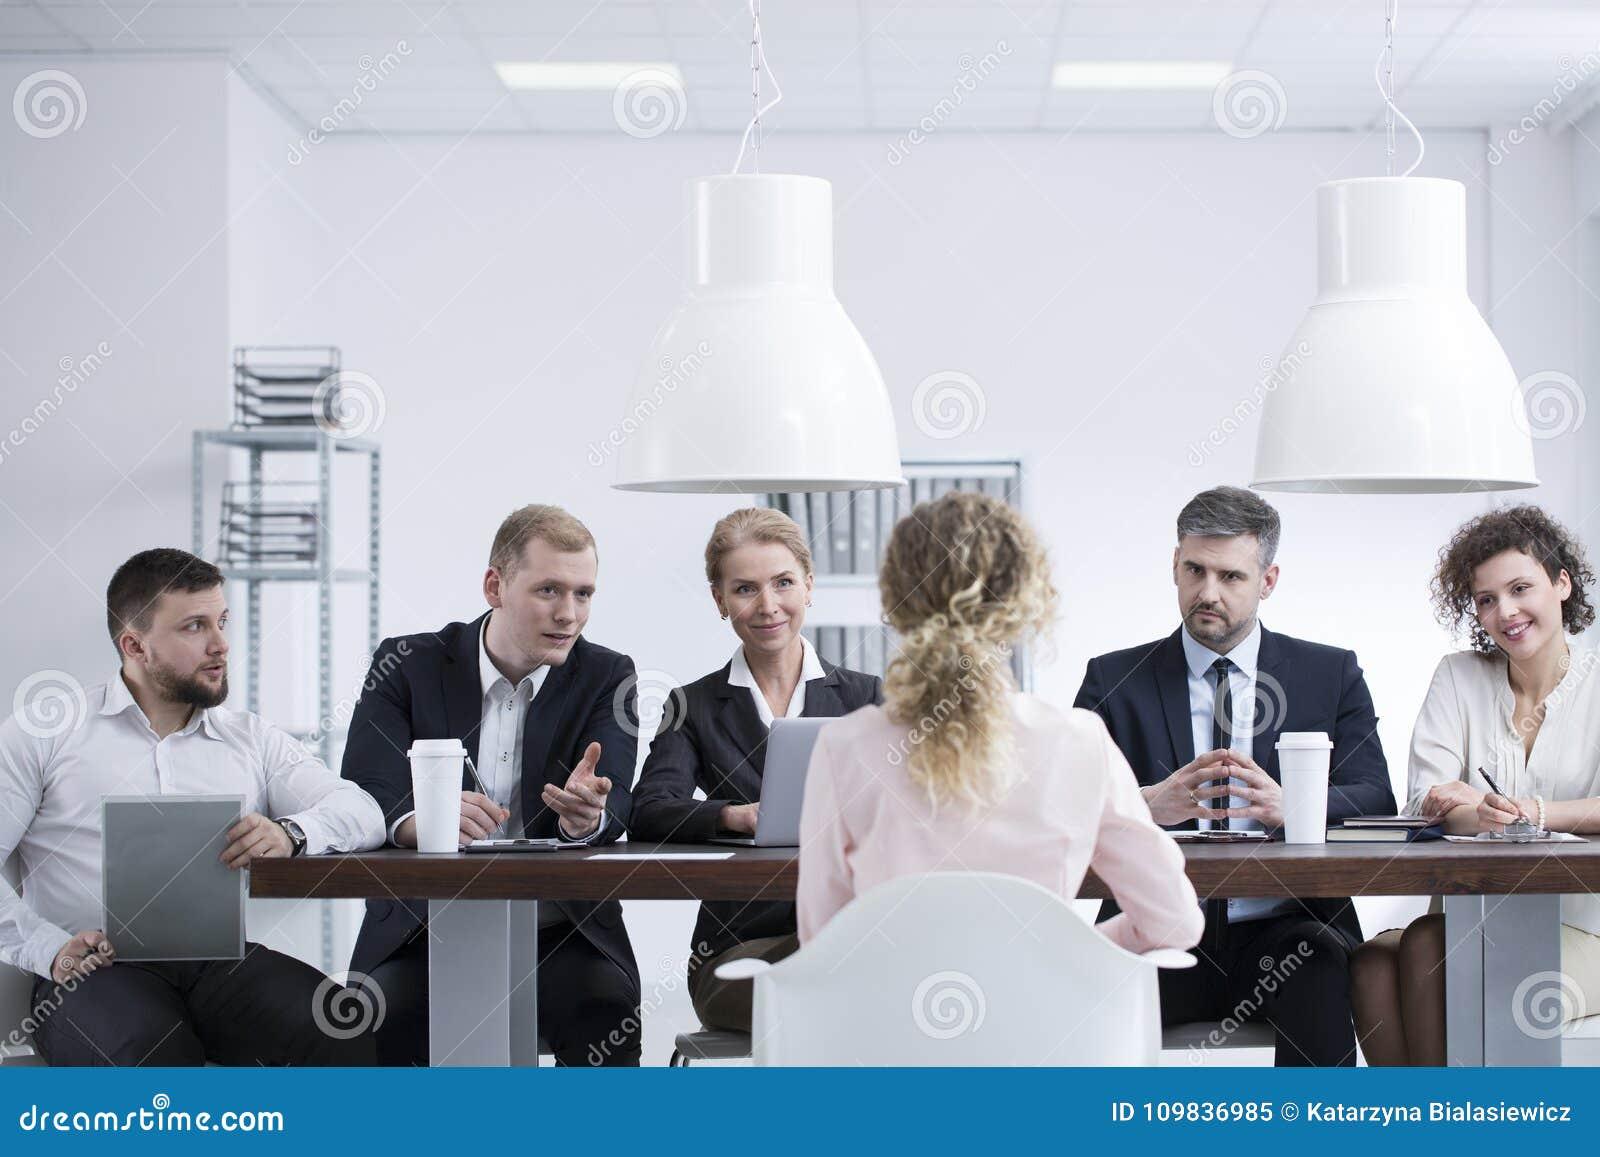 Women seeking women download